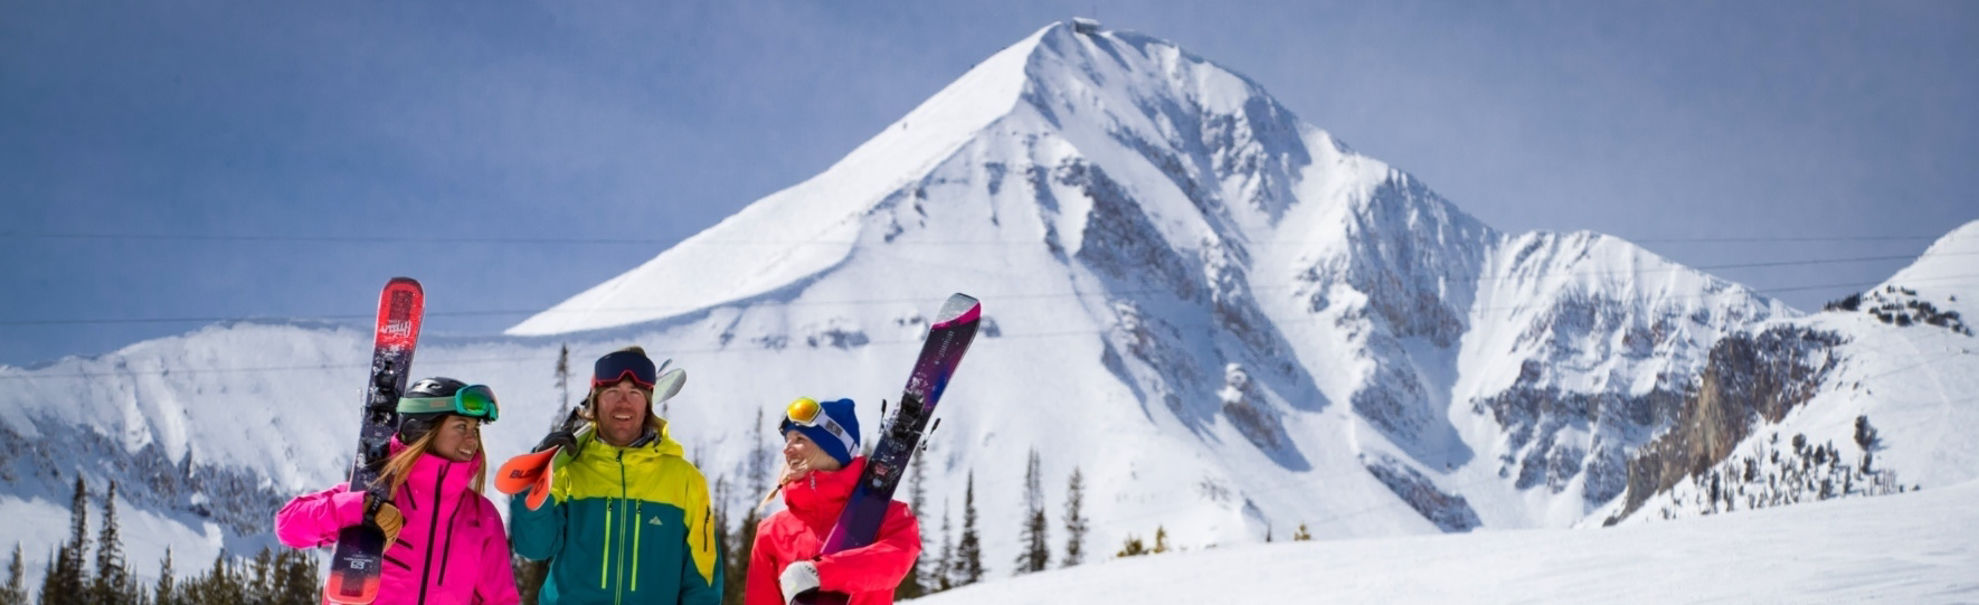 Picture of PLEA Ski Group